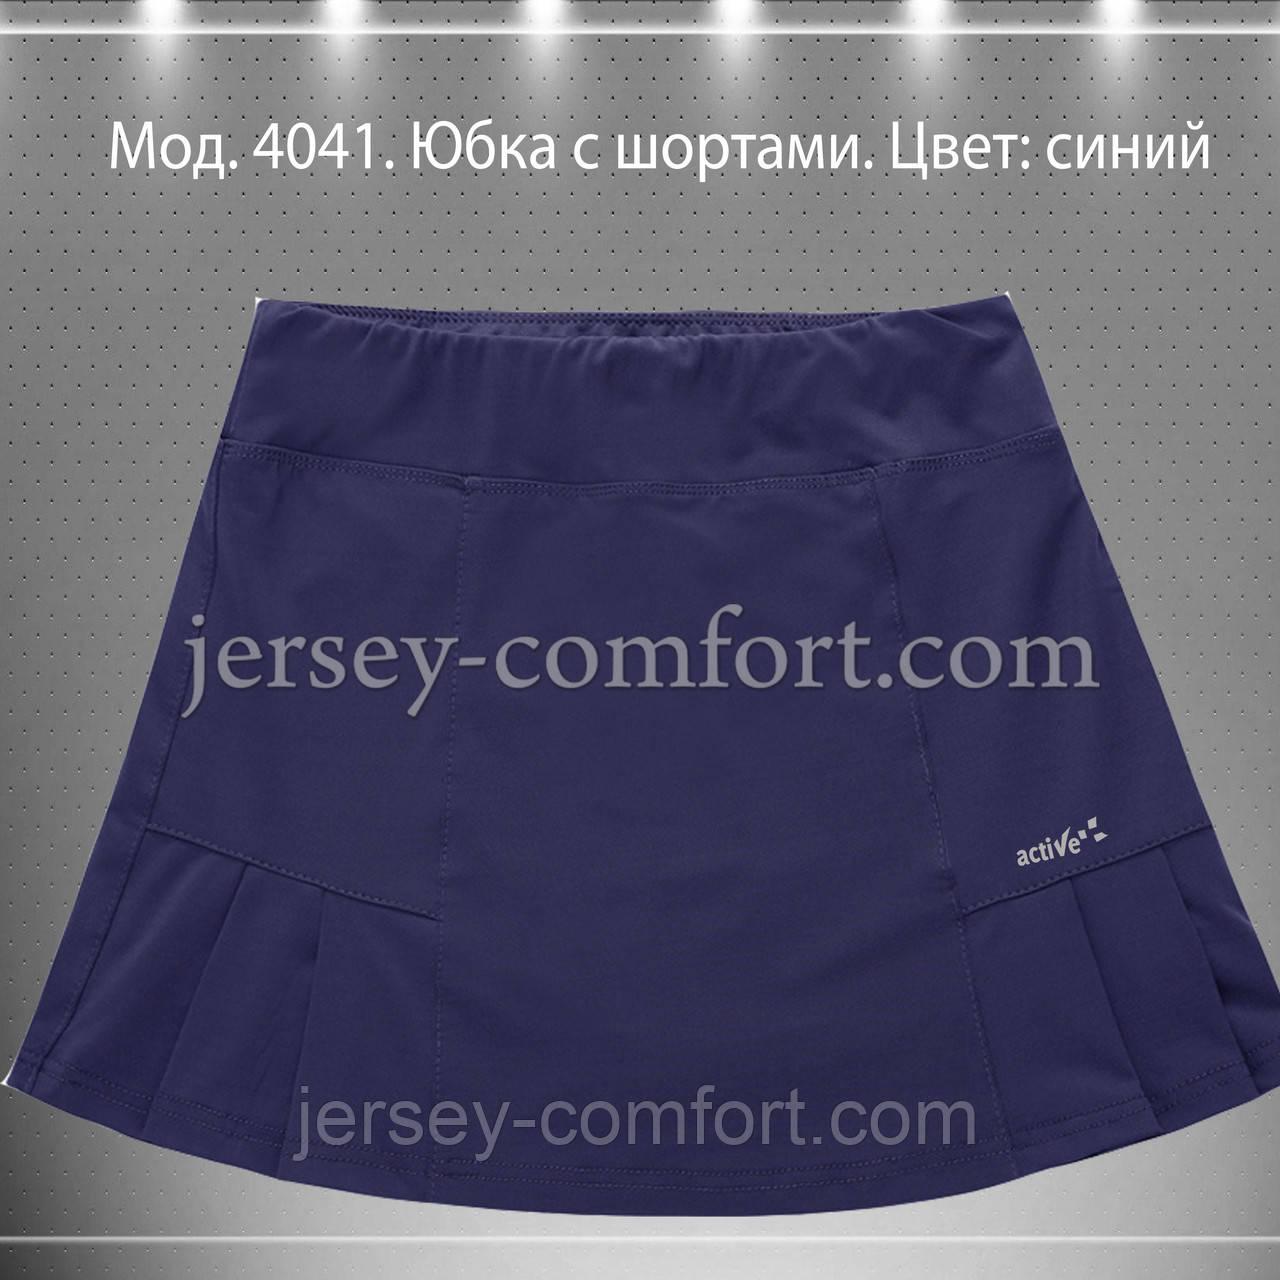 Юбка с шортами, синяя. Юбка спортивная. Мод. 4041